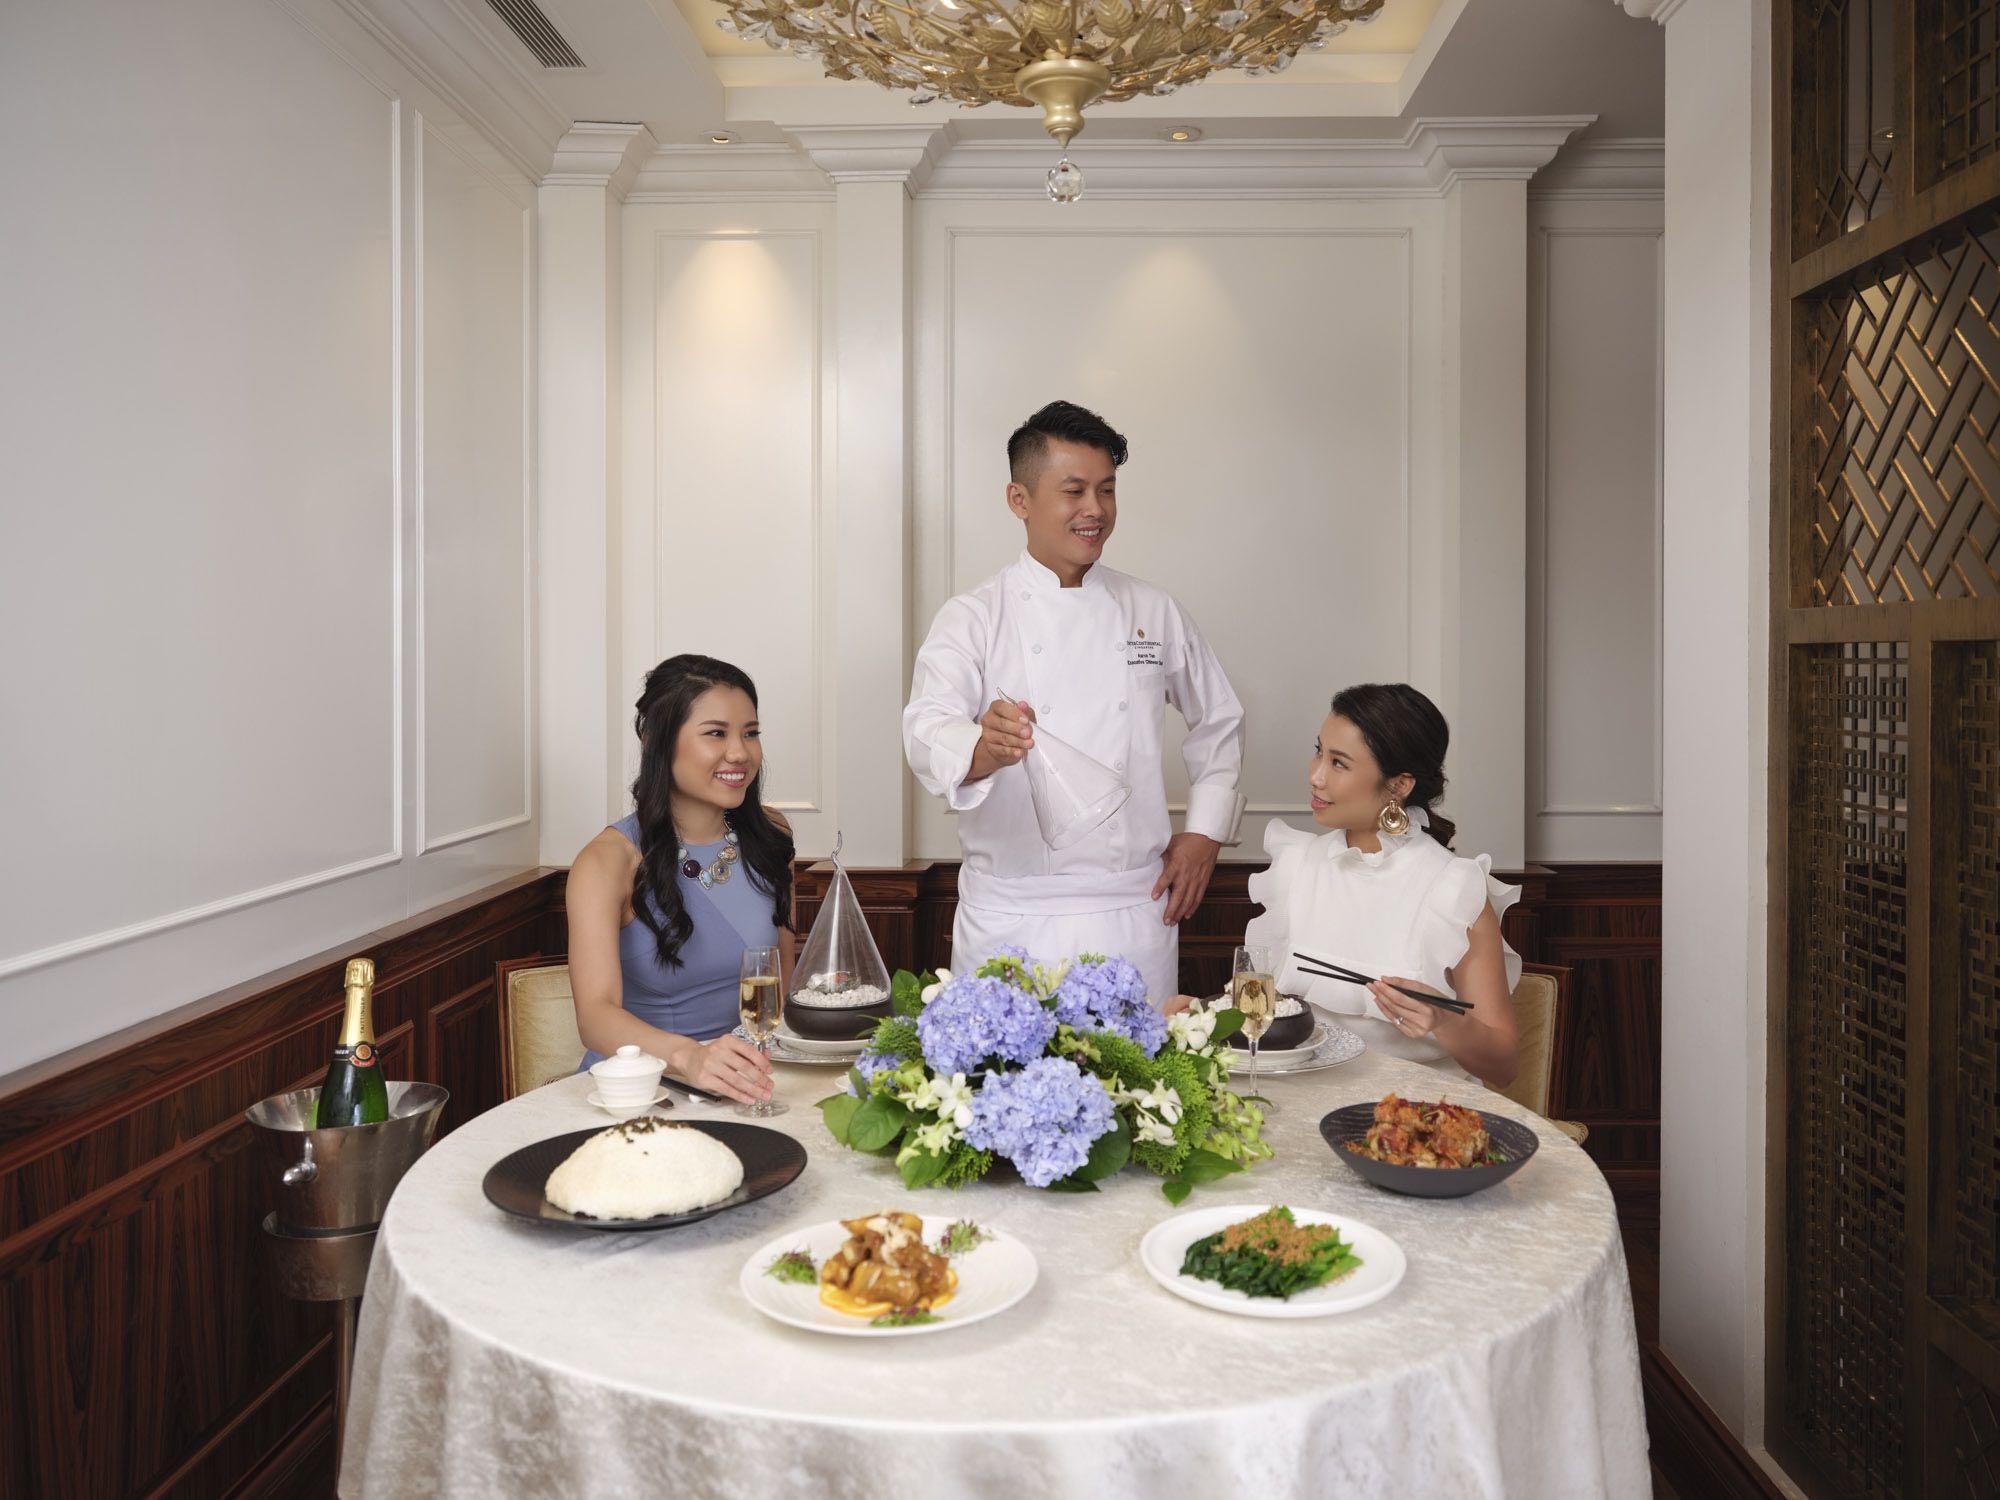 Intercontinental Singapore Hospitality Commercial Lifestyle Photoshoot Jose Jeuland 6